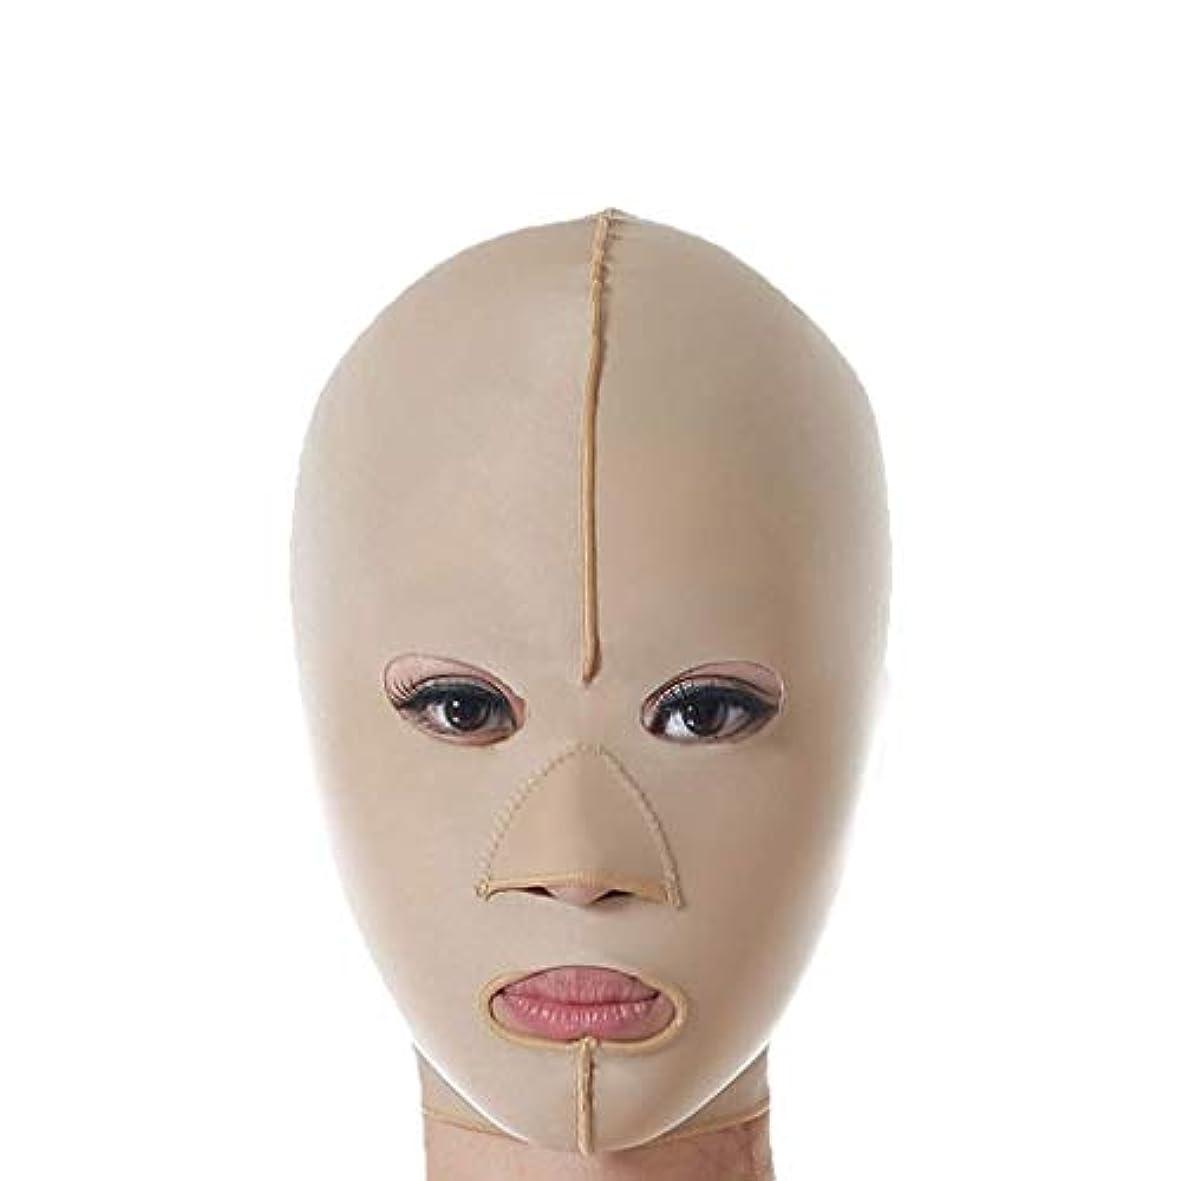 ヘルメット漏斗改修する減量フェイスマスク、リフティング包帯、スリムフェイスリフトリフティングベルト、フェイシャル減量リフティング包帯、リフティングファーミング包帯(サイズ:XL),M